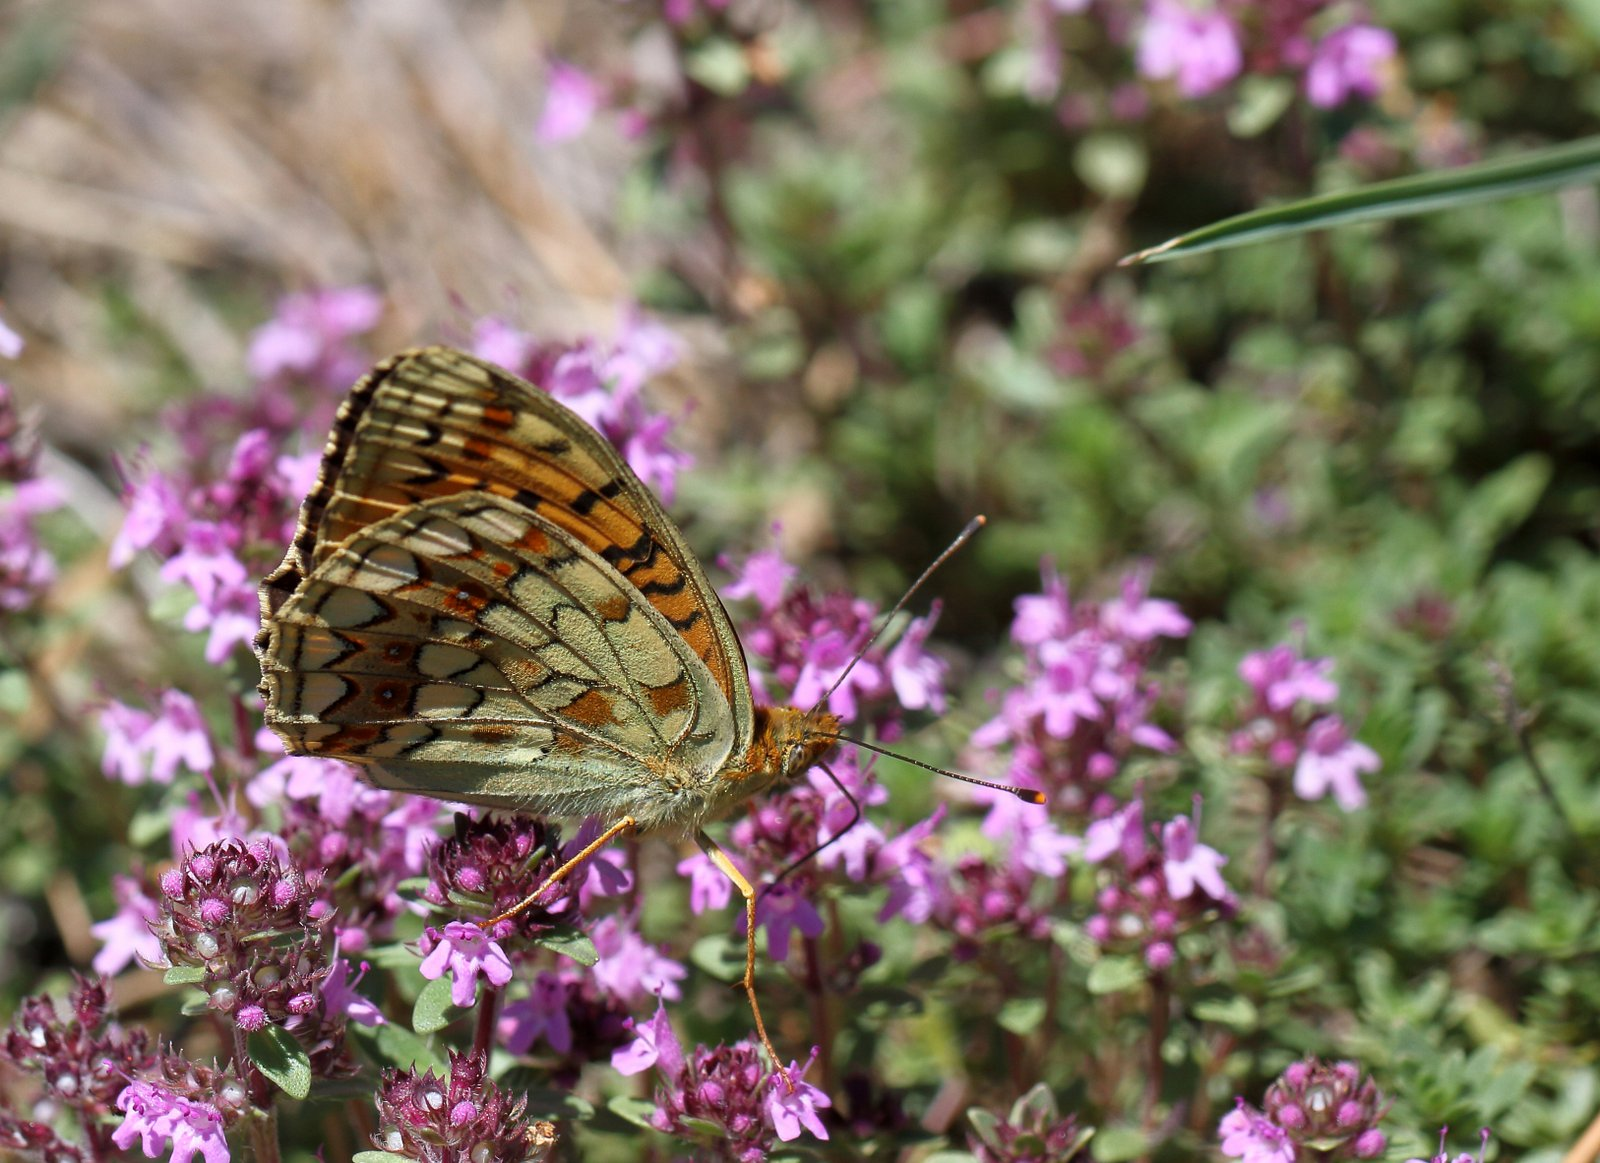 Klitperlemorsommerfugl, Fabriciana niobe